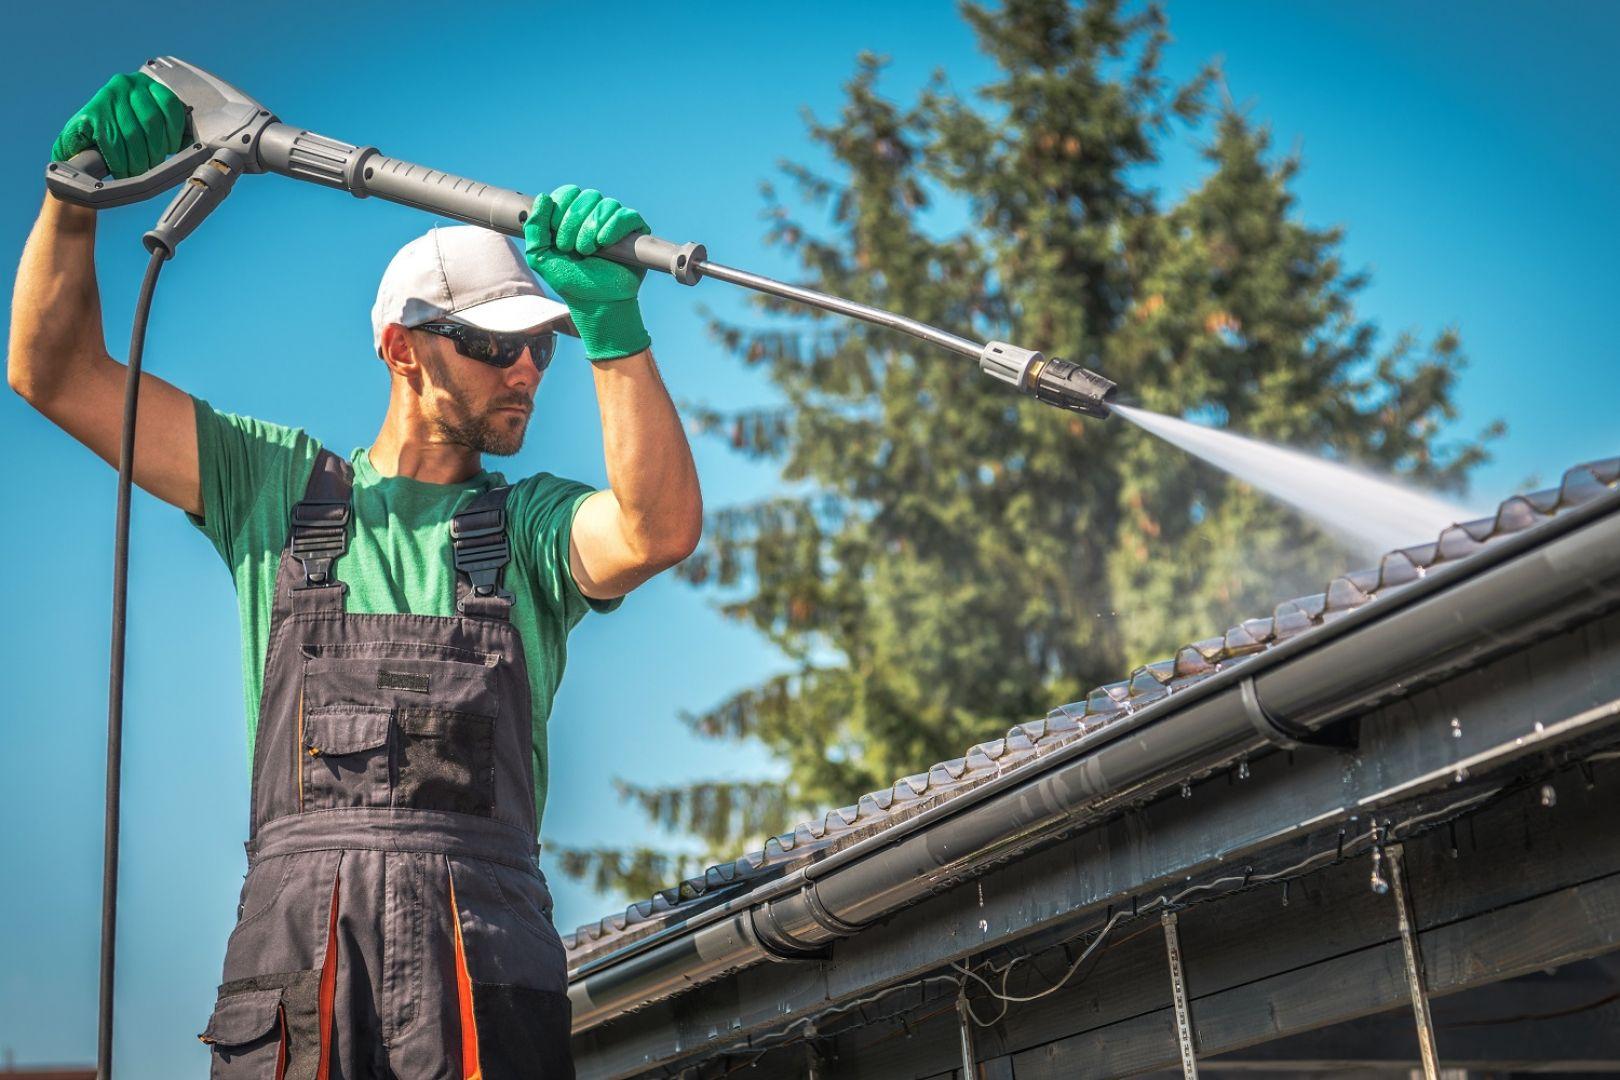 Podczas regularnych inspekcji należy zwracać uwagę na wszelkiego rodzaju zarysowania, nagromadzenie mchów, porostów czy utrzymującą się wilgoć. Fot. AdobeStock